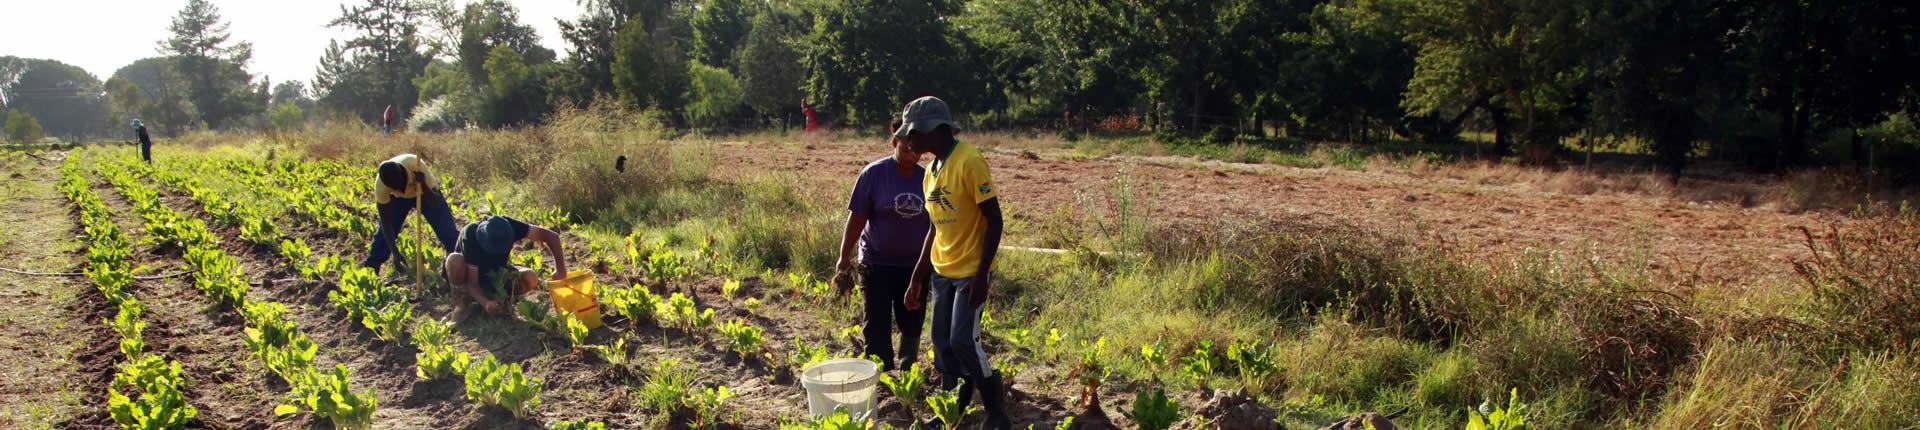 Camphill farm, working in the fields